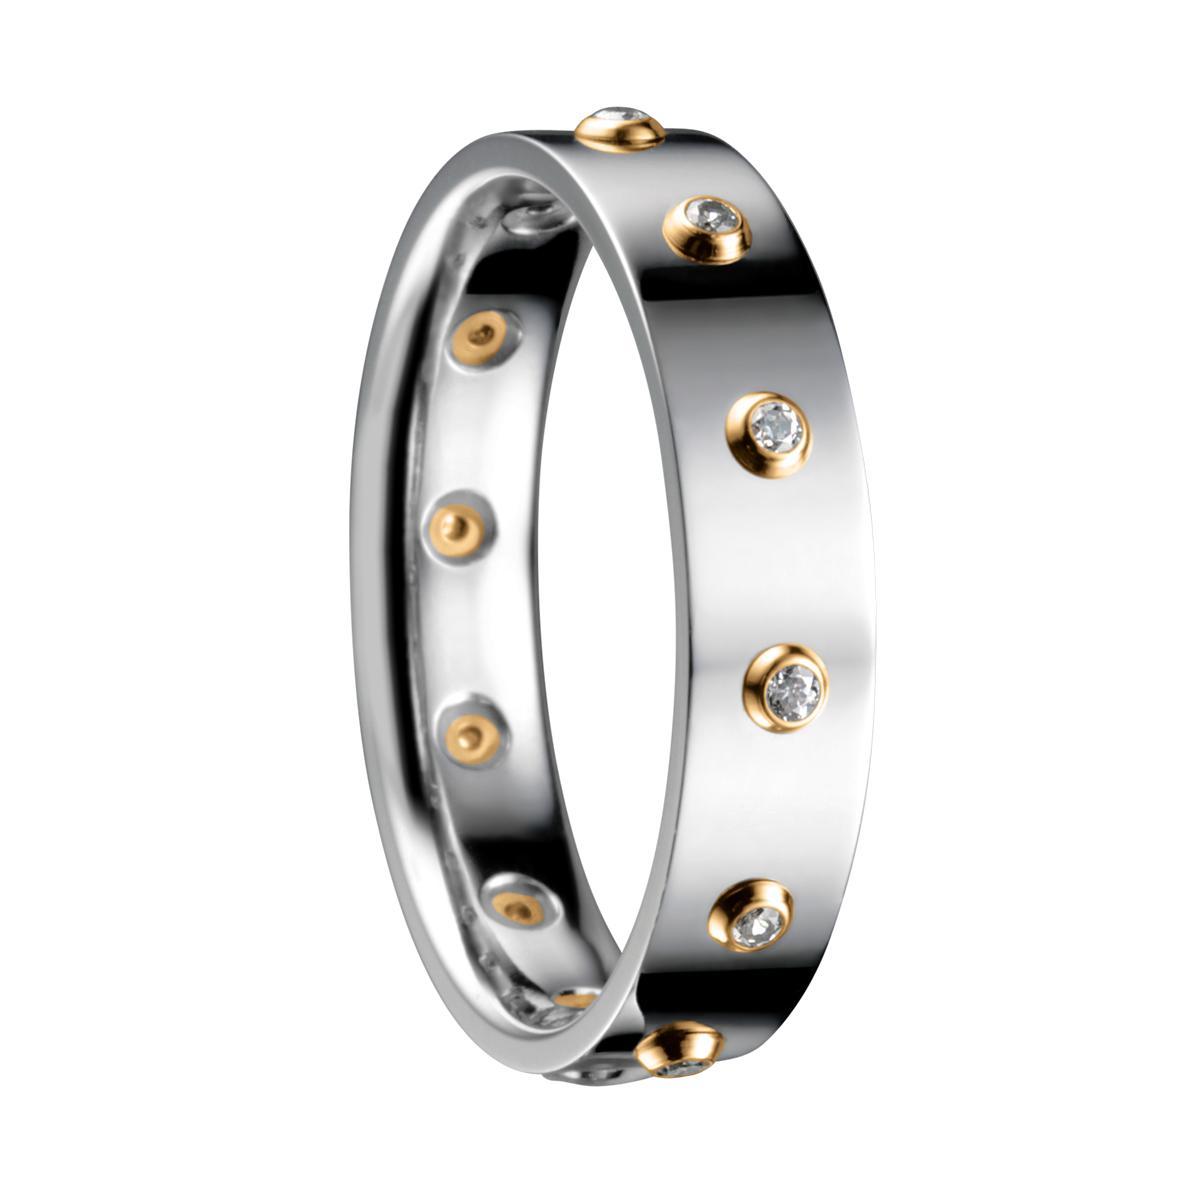 Bering Inner Ring 5551282 1